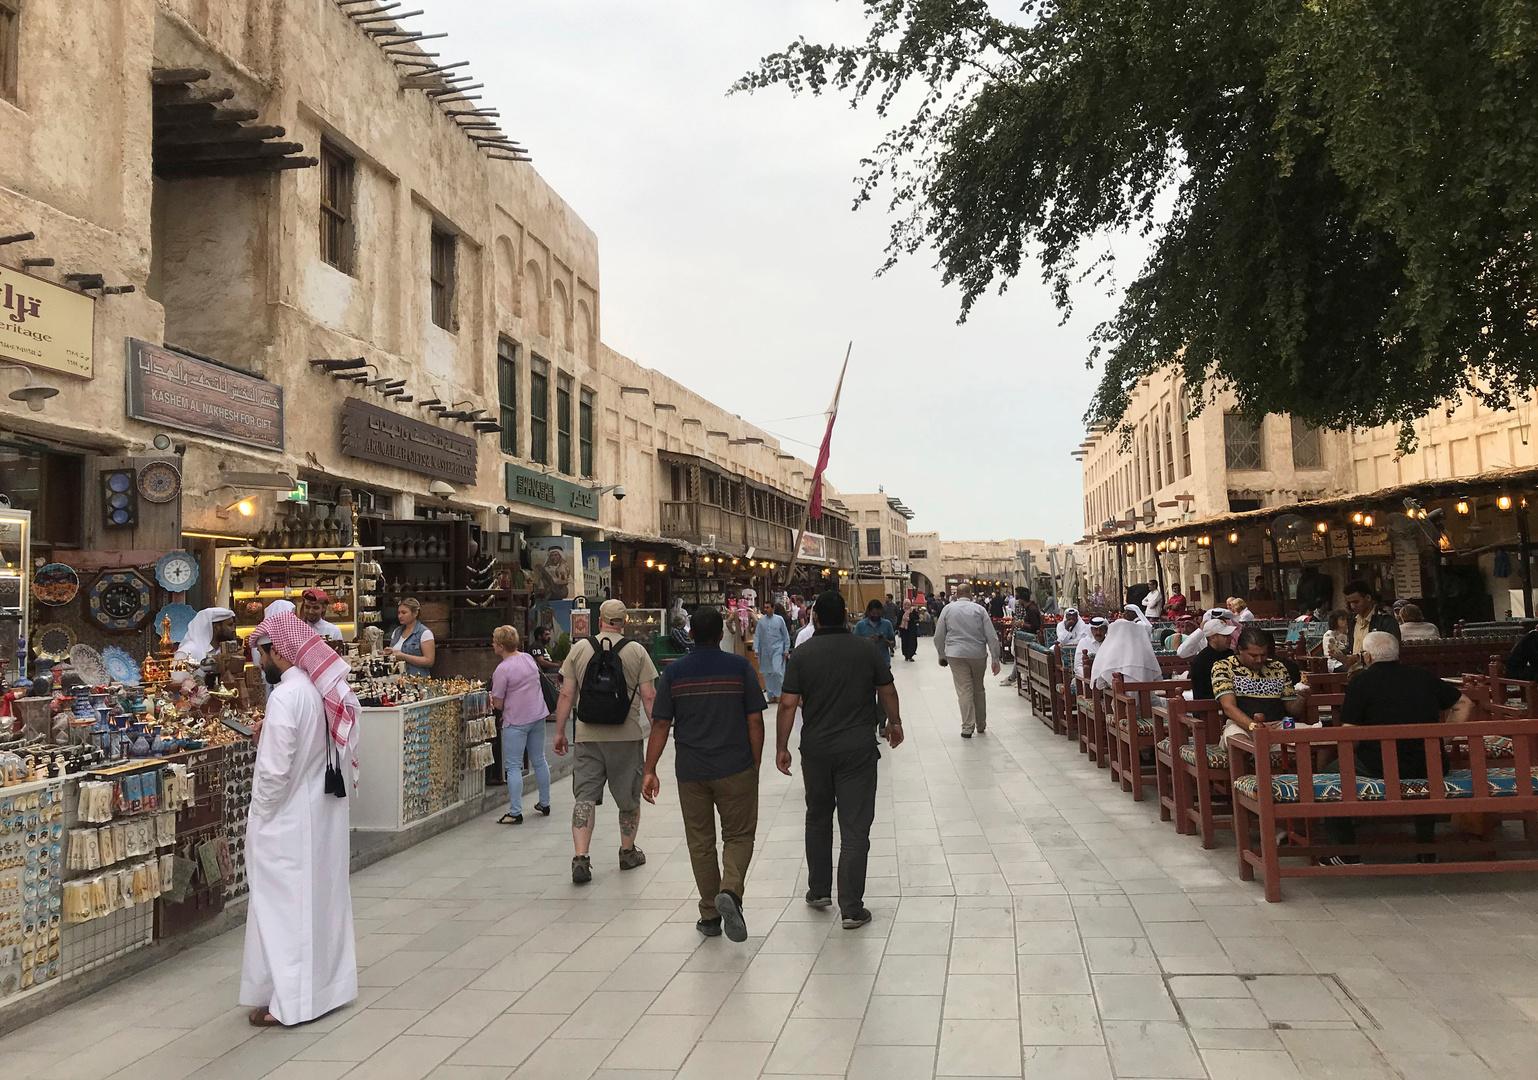 قطر تسمح بعودة 80% من موظفي القطاعين العام والخاص للعمل من المكاتب